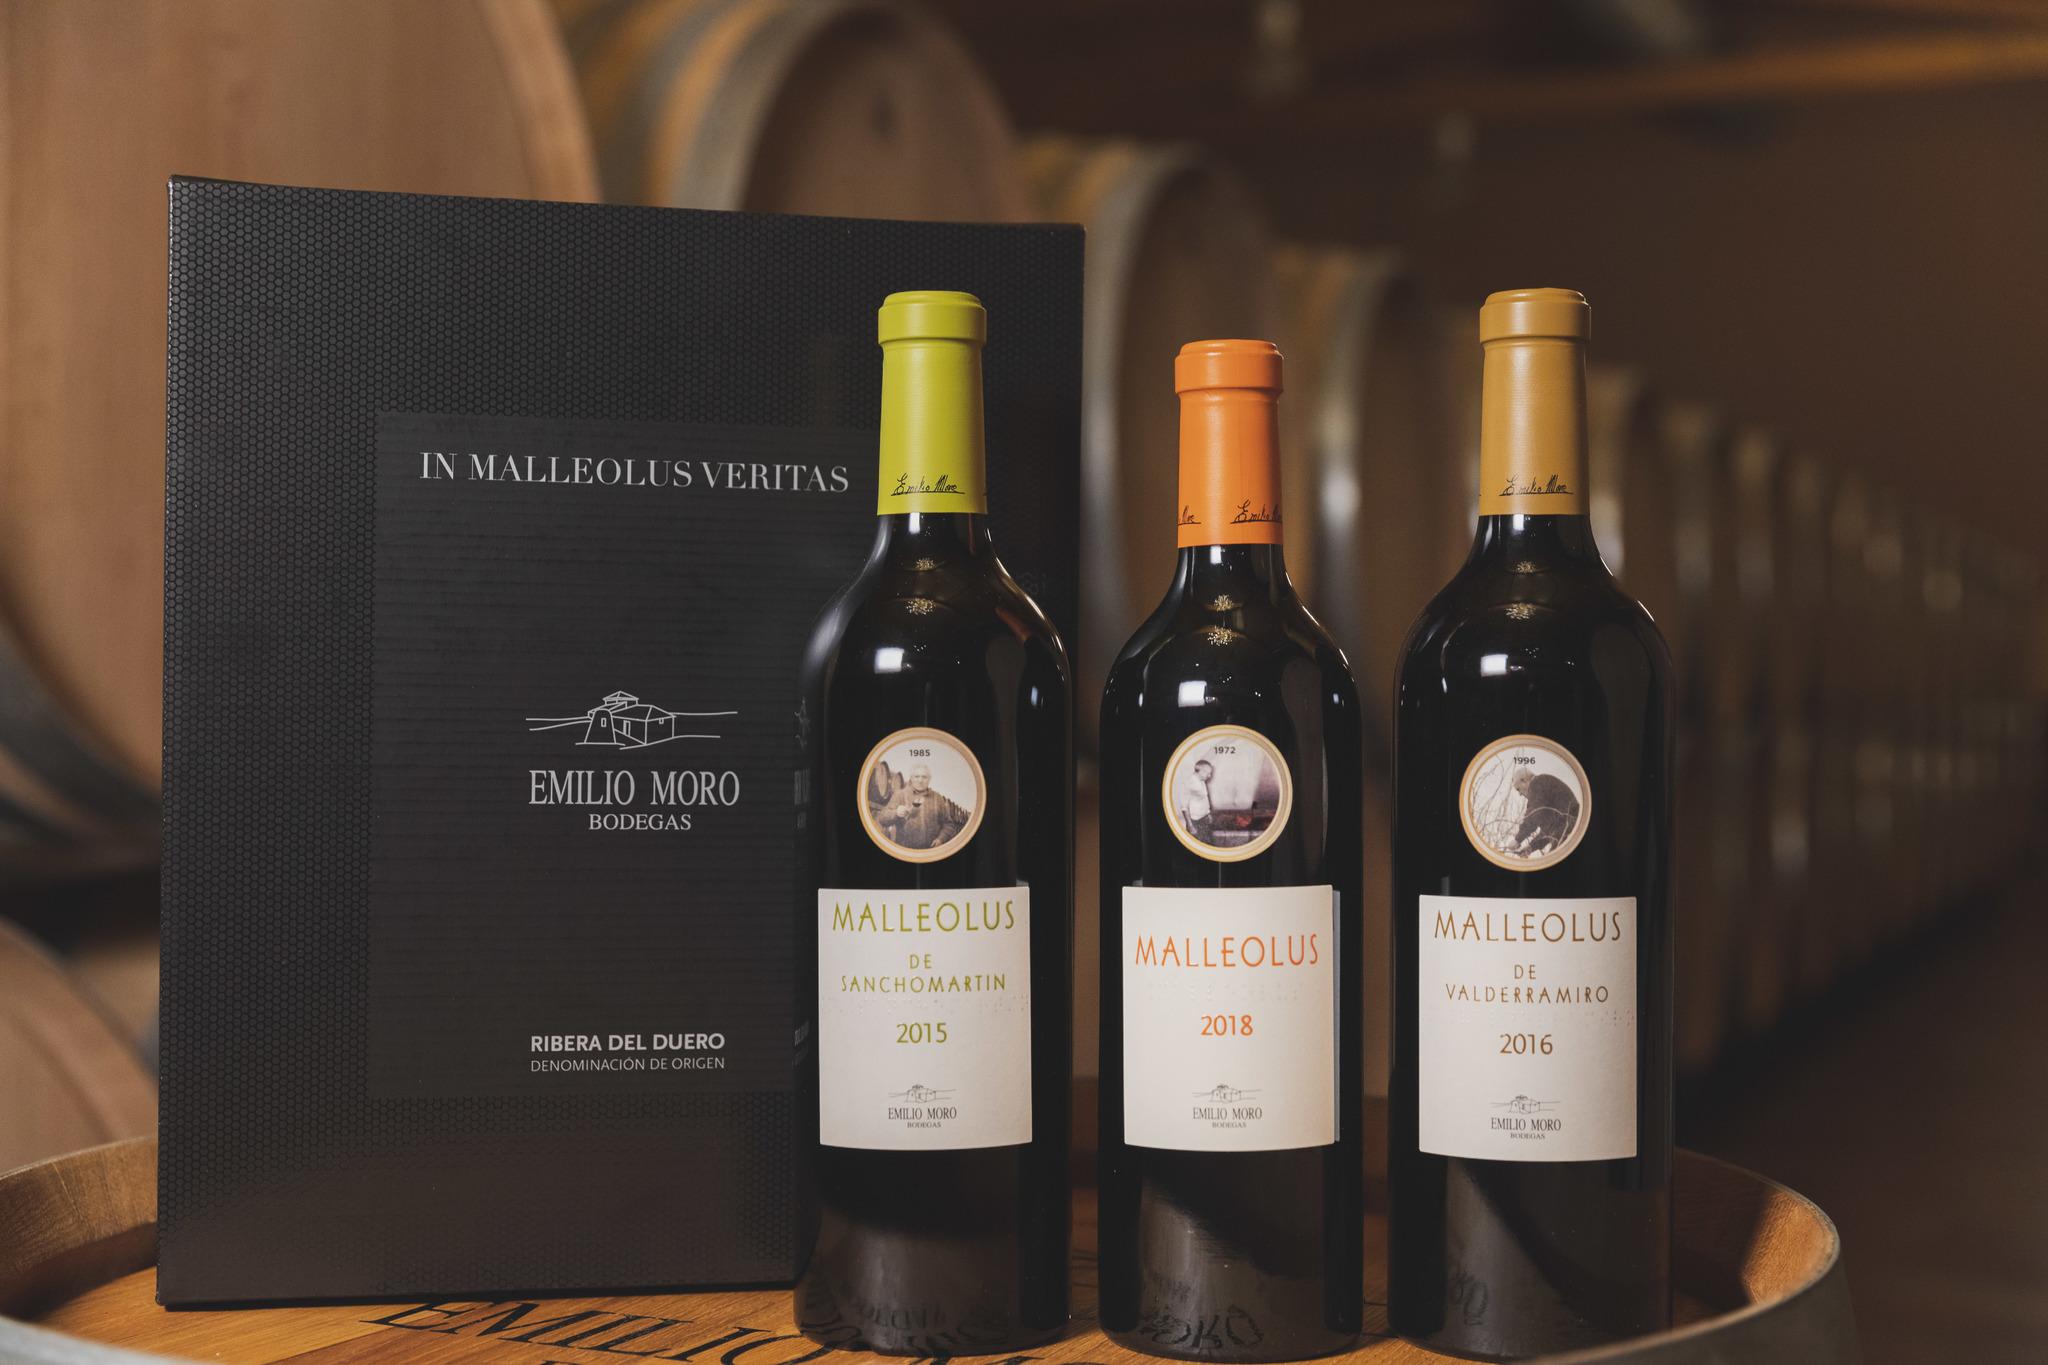 Estuche que reúne por primera vez su icónico Malleolus y los vinos exclusivos de pago Malleolus de Valderramiro y Malleolus de Sanchomartín.